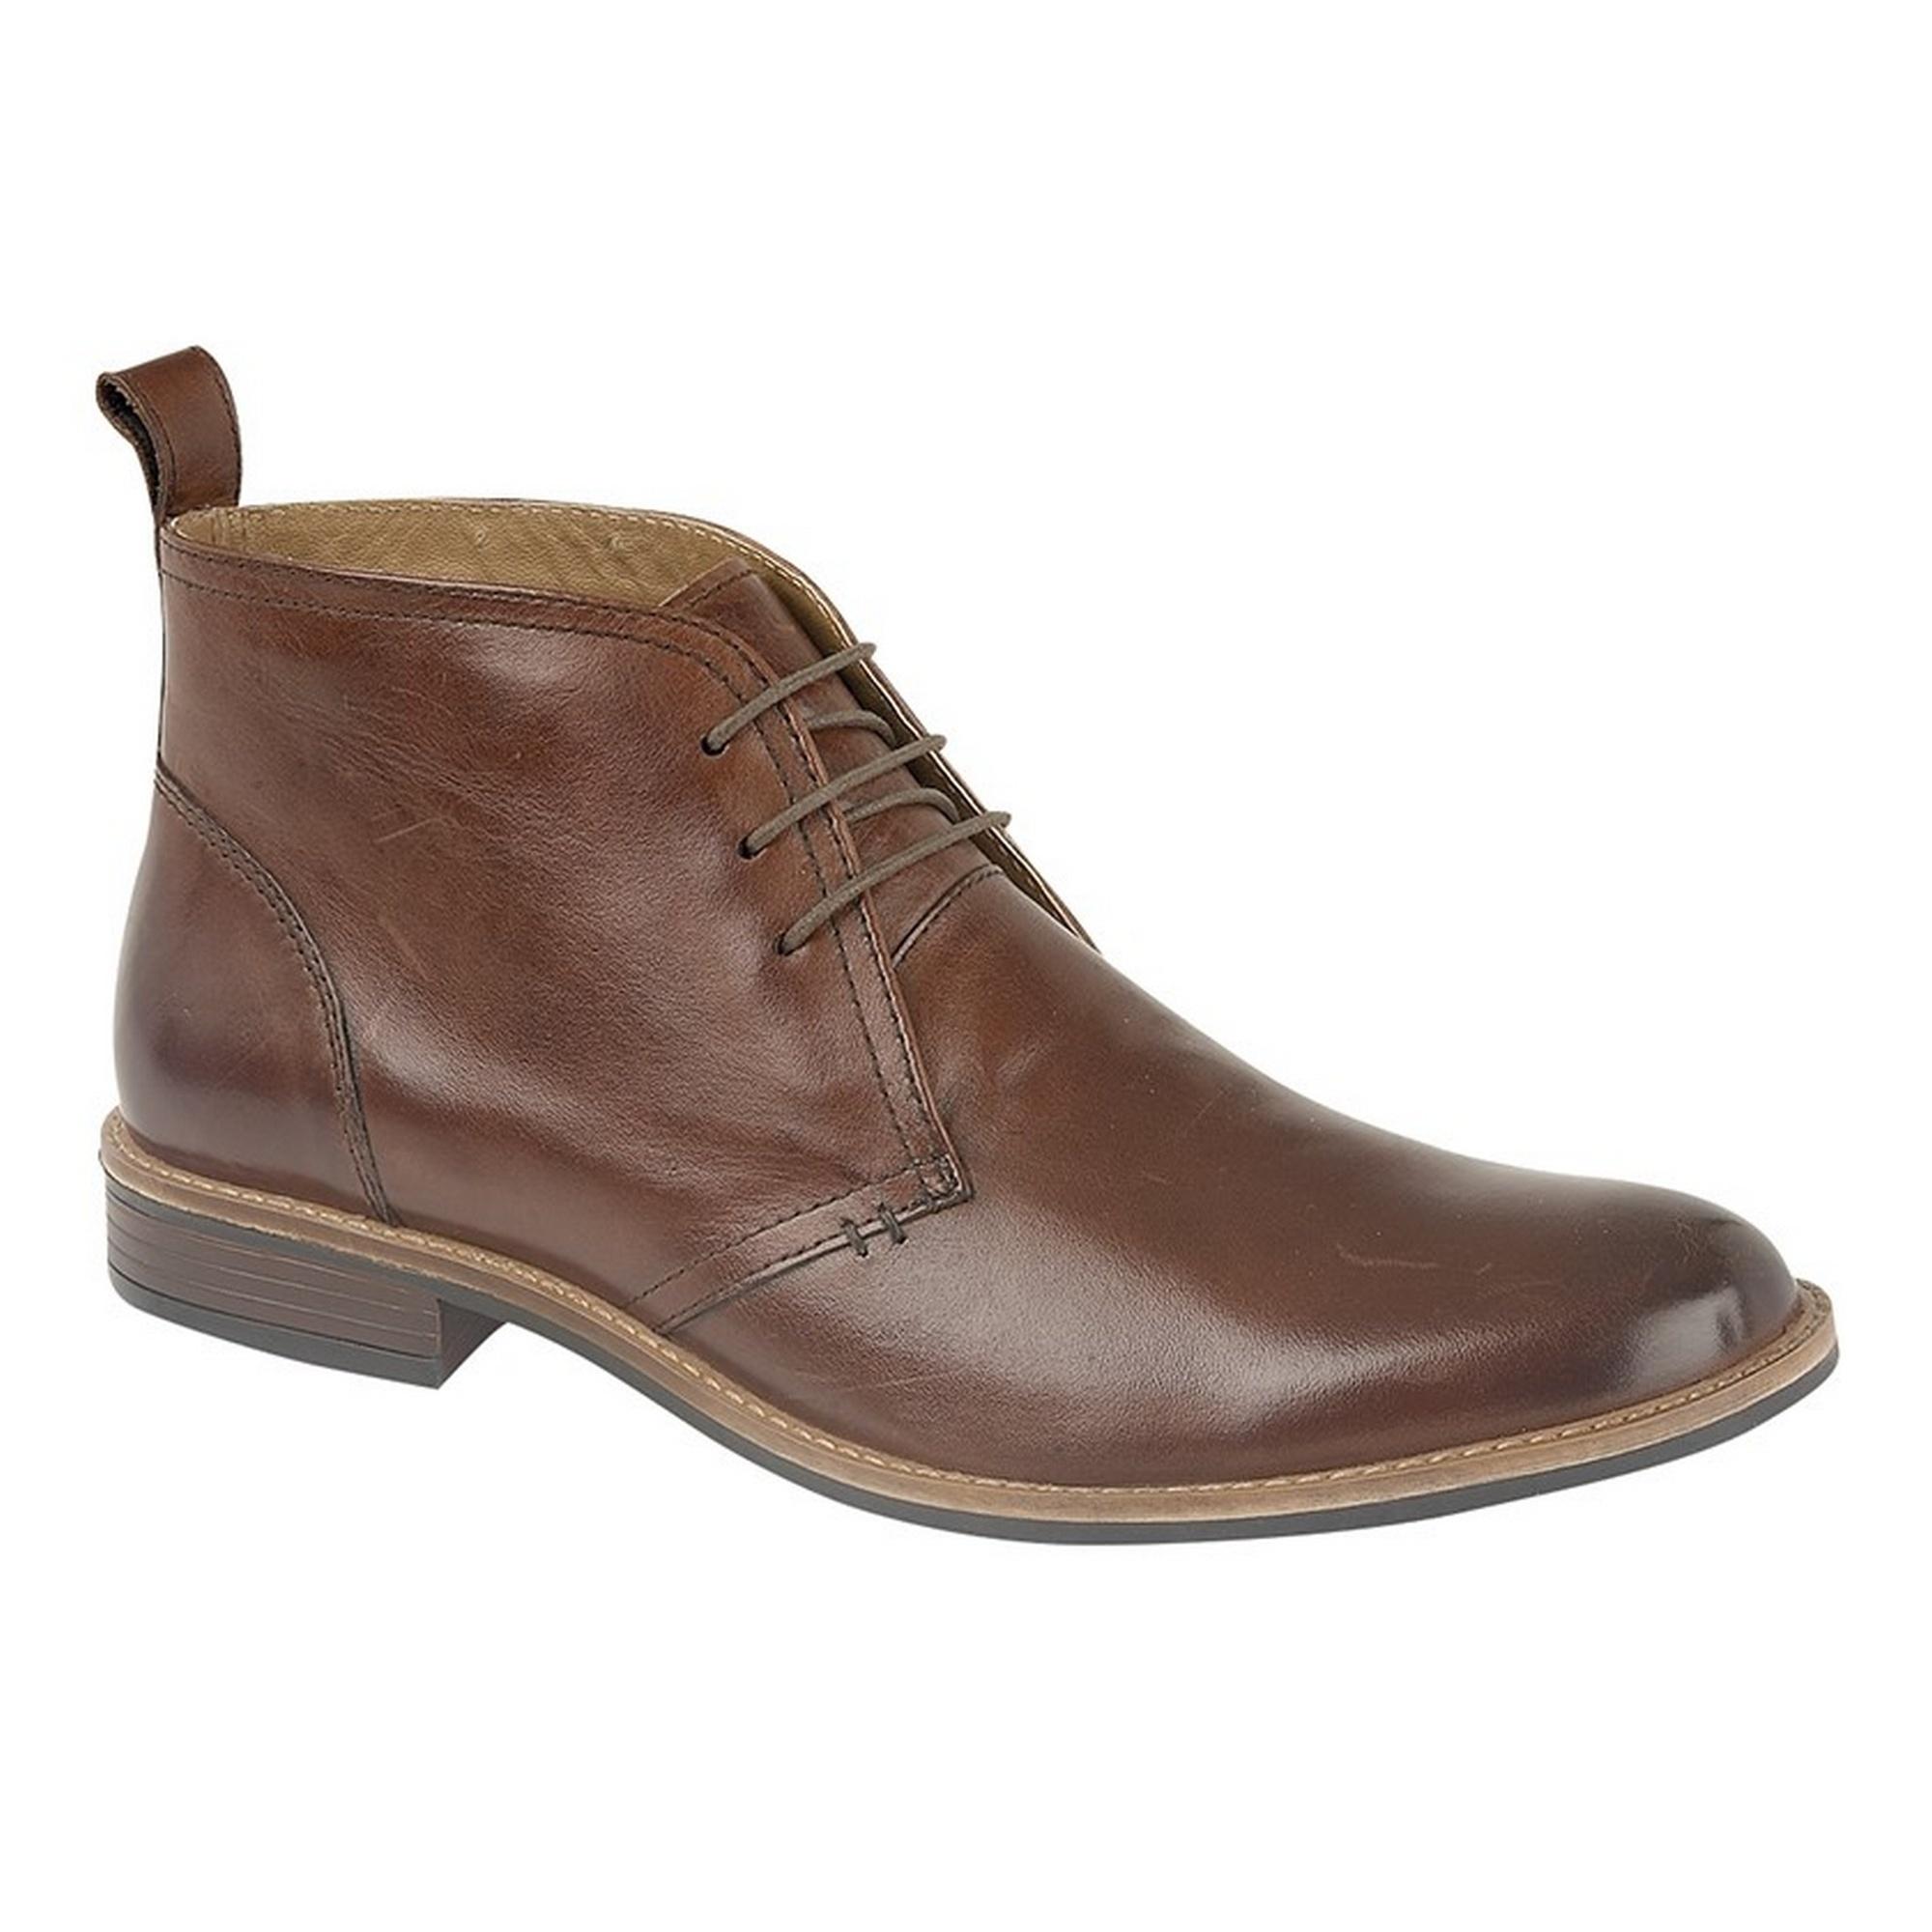 Roamers Mens Leather 3 Eye Desert Boots (9 UK) (Brown)